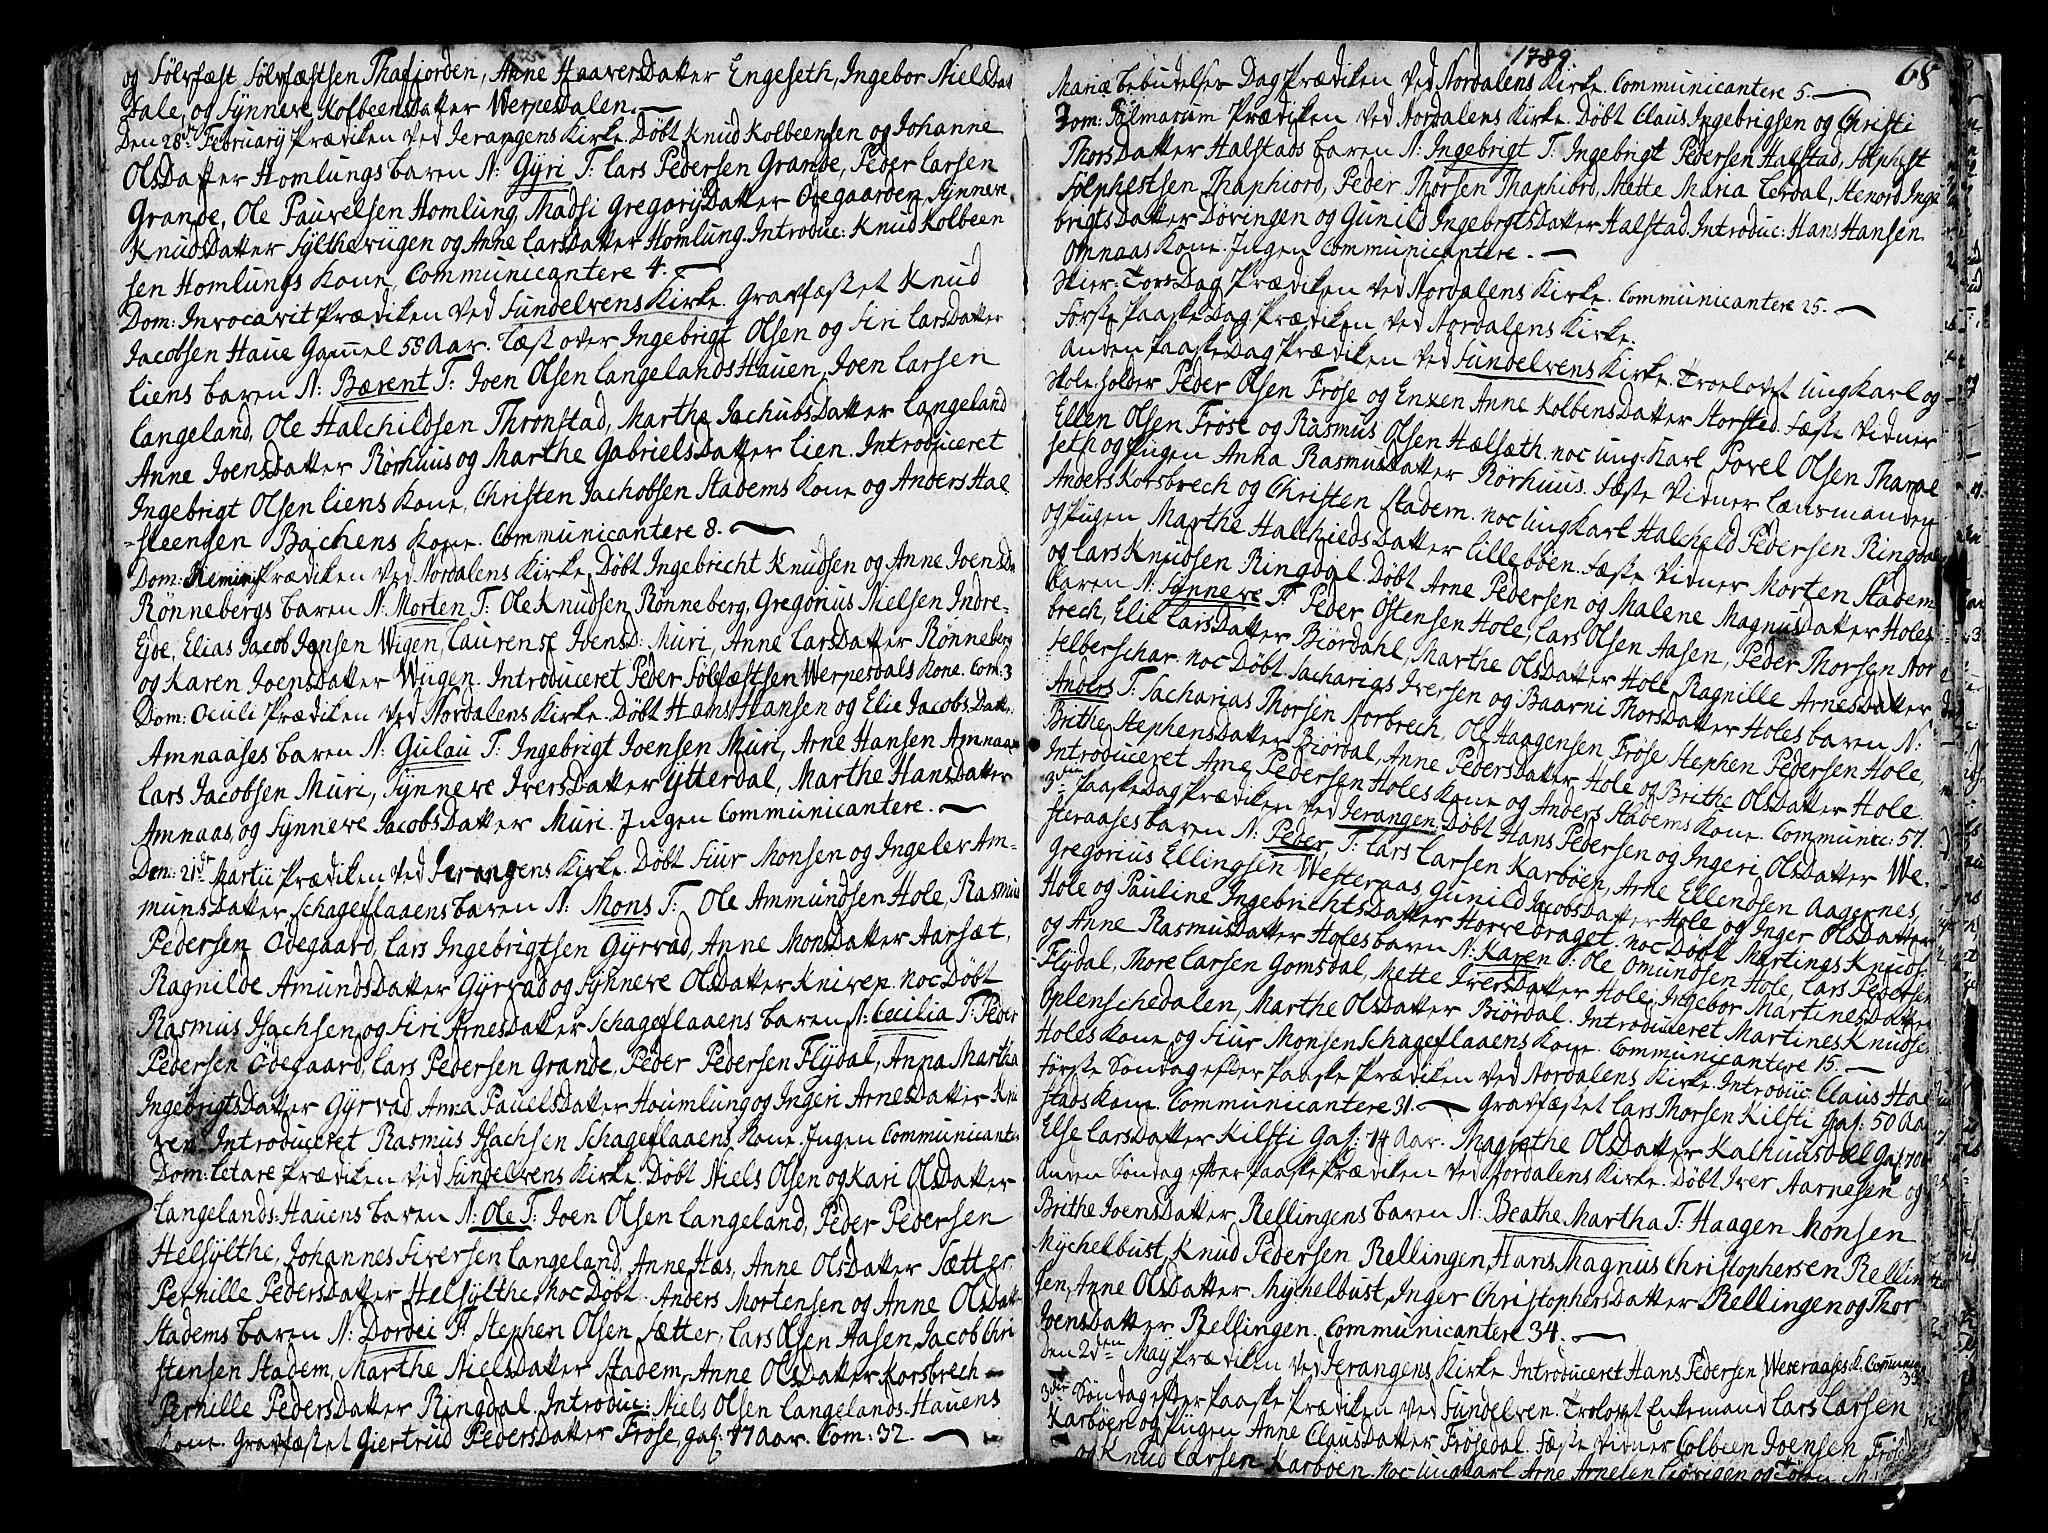 SAT, Ministerialprotokoller, klokkerbøker og fødselsregistre - Møre og Romsdal, 519/L0245: Ministerialbok nr. 519A04, 1774-1816, s. 68